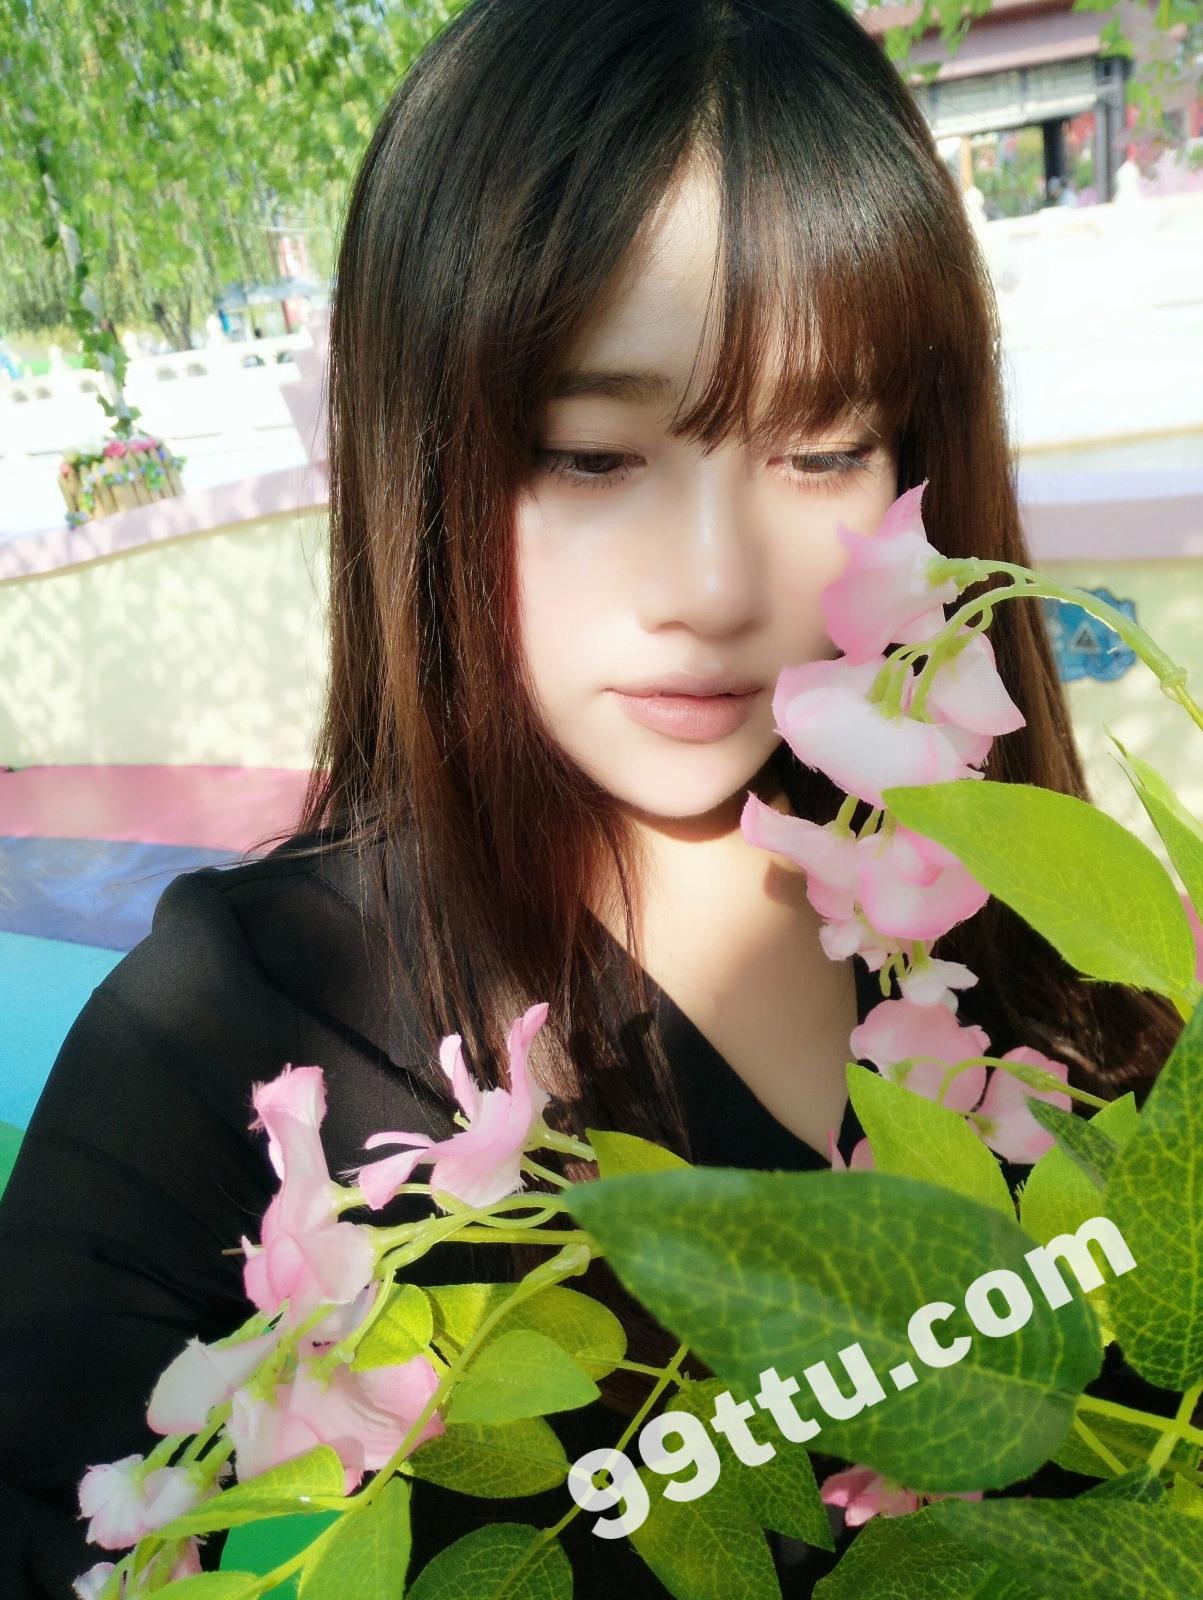 KK68_1464图+6个视频 青春可爱美女无水印高清生活照-3